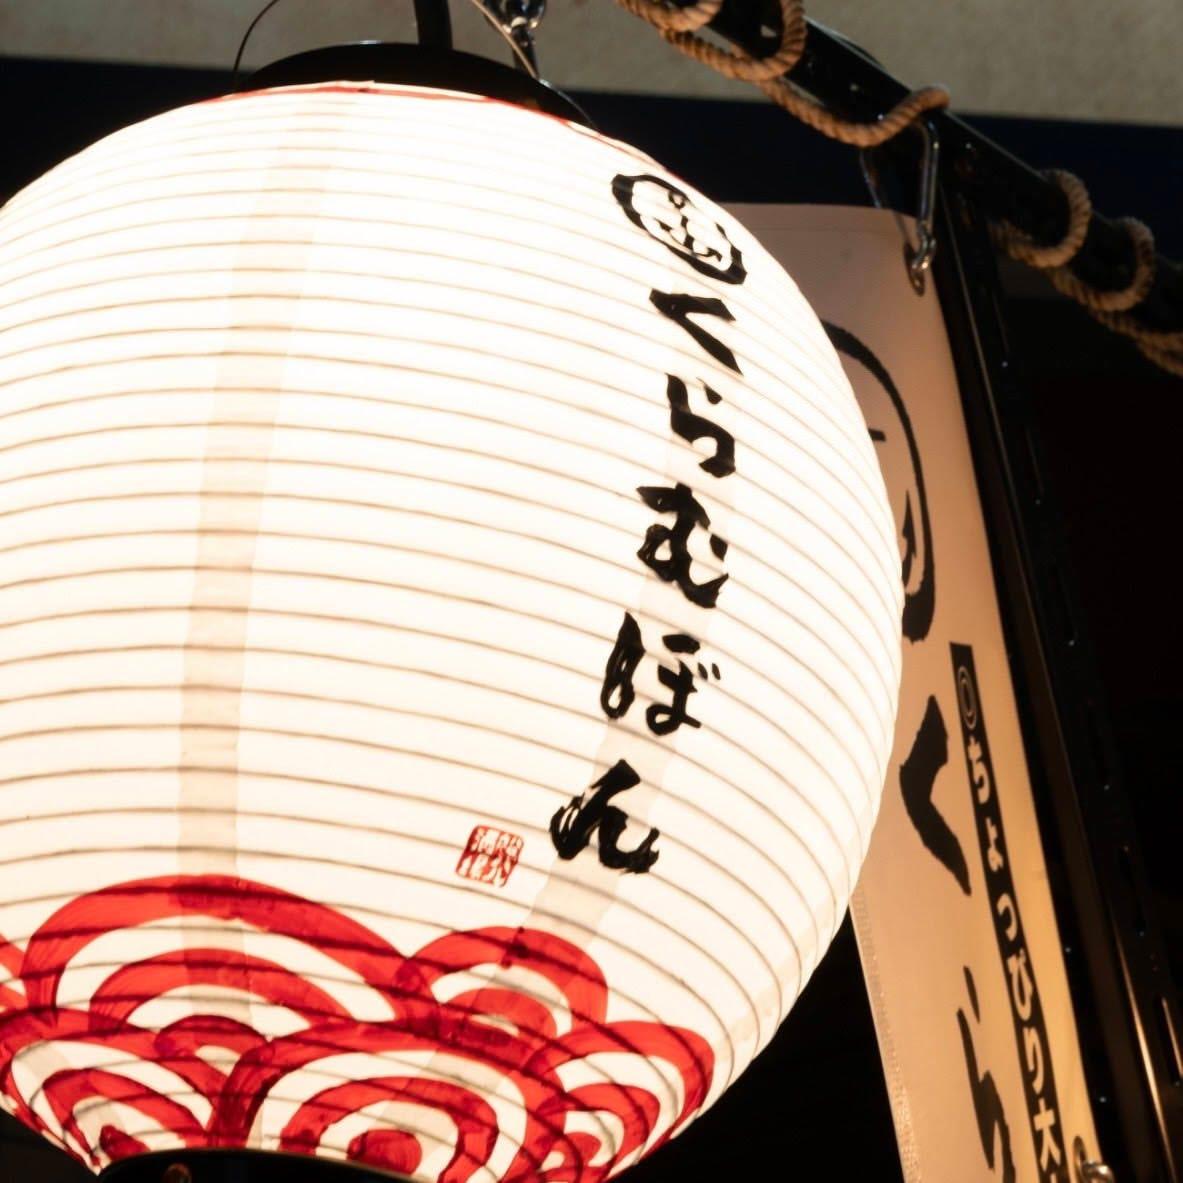 塩釜口_船バル酒場 くらむぼん_写真